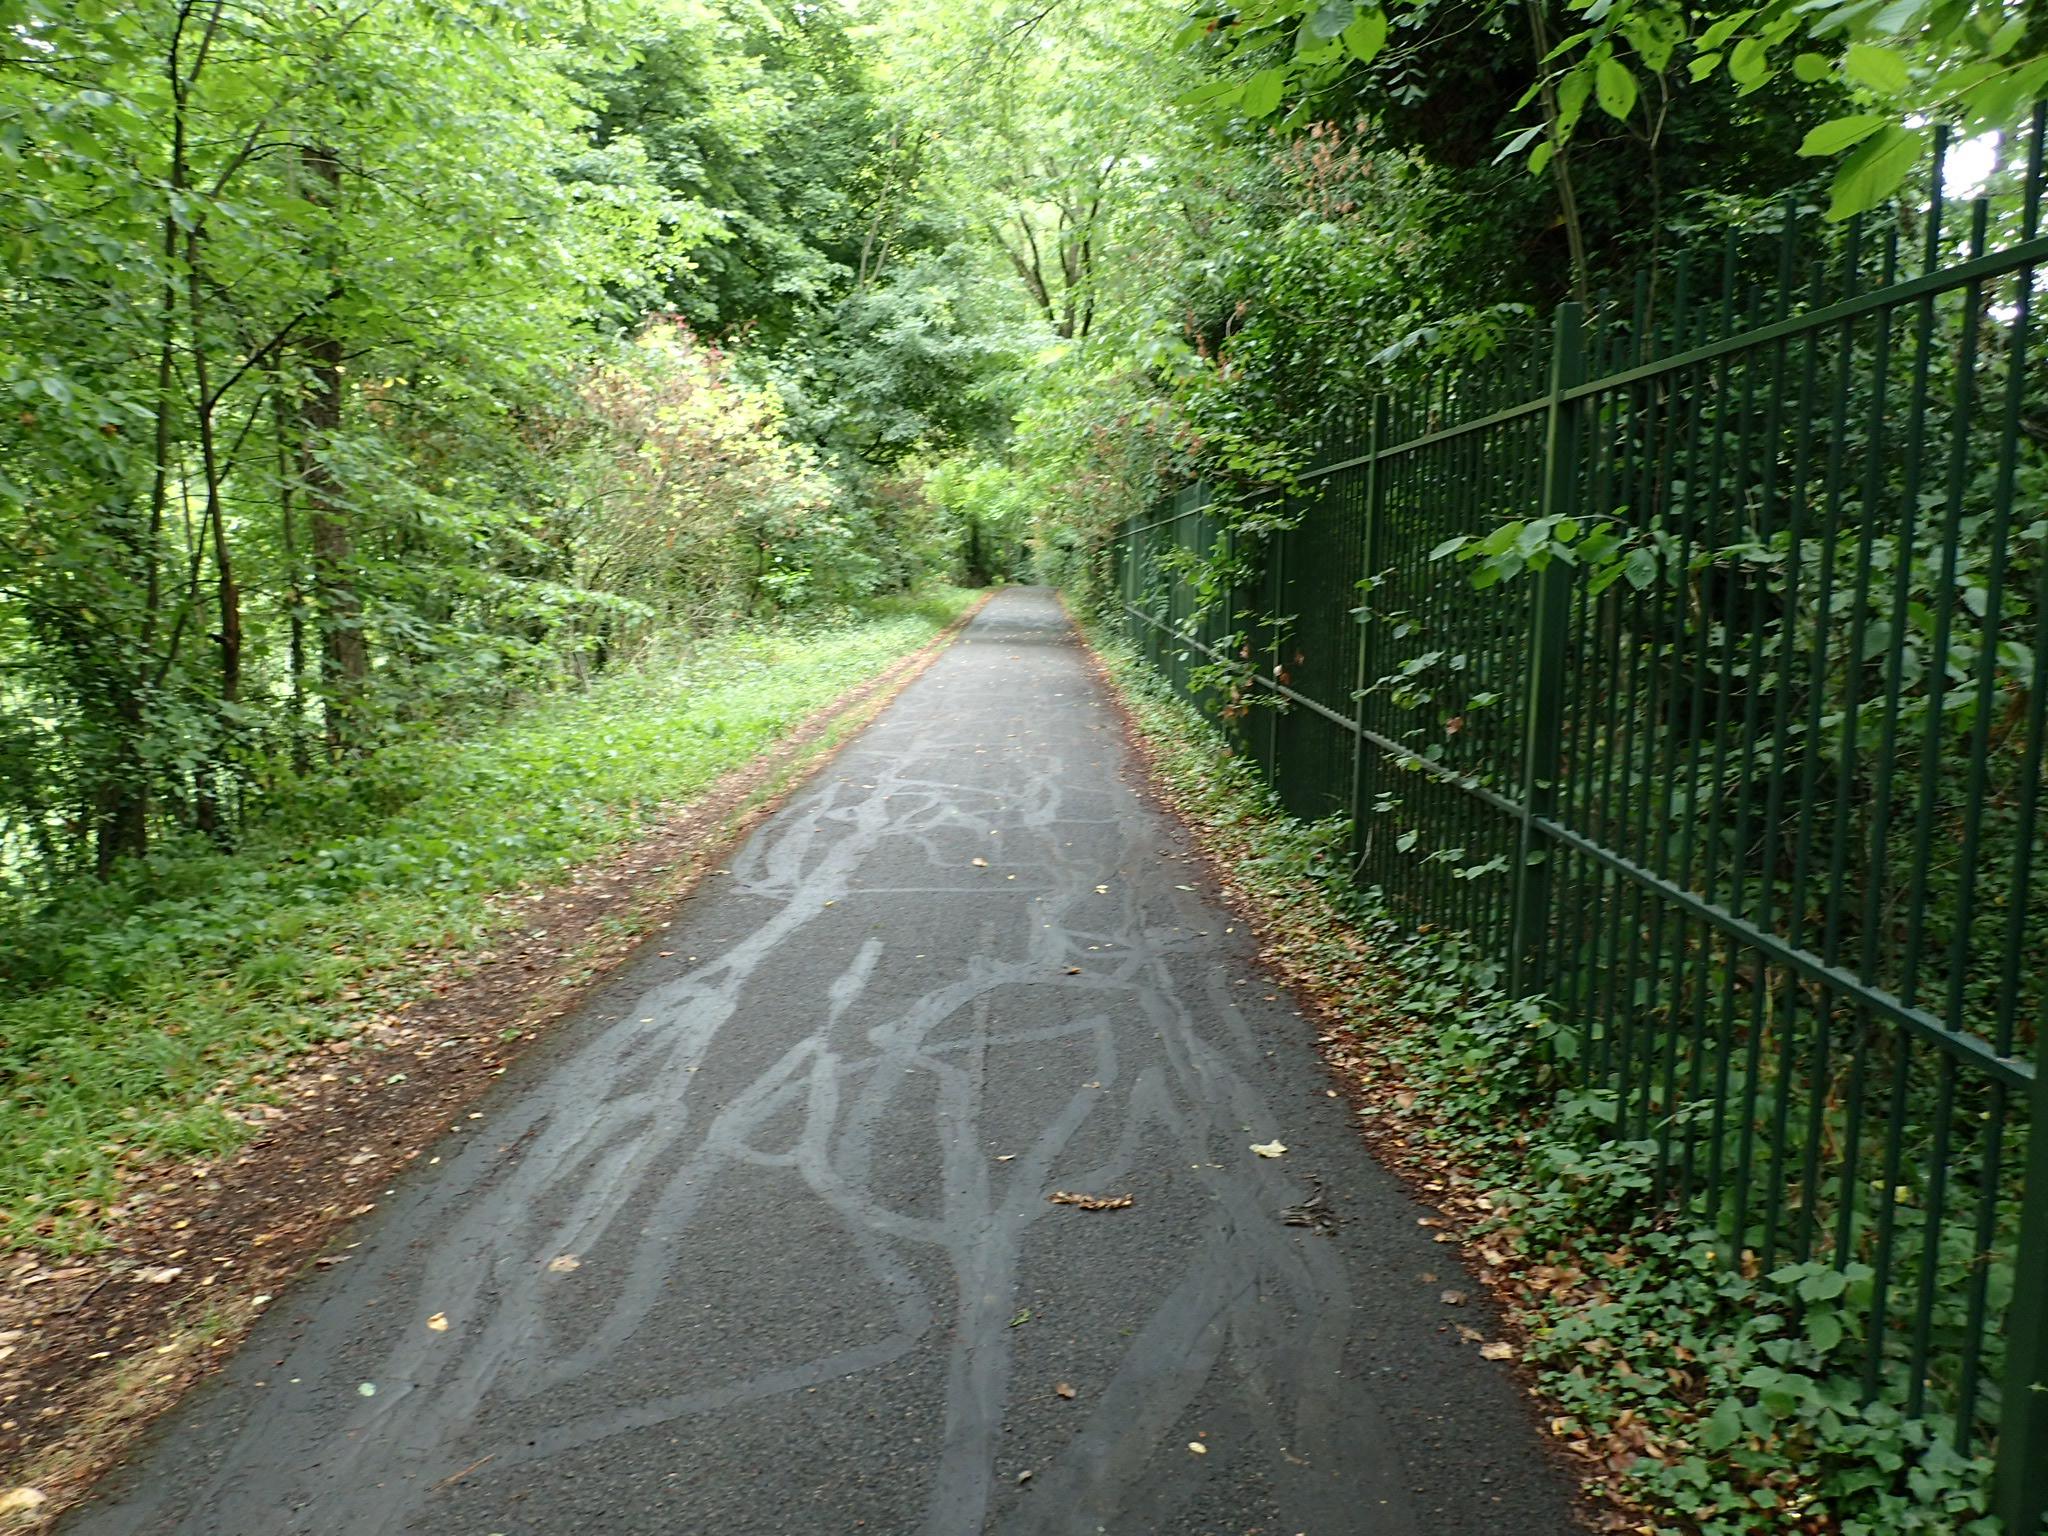 Paris, sykkelvei i skog